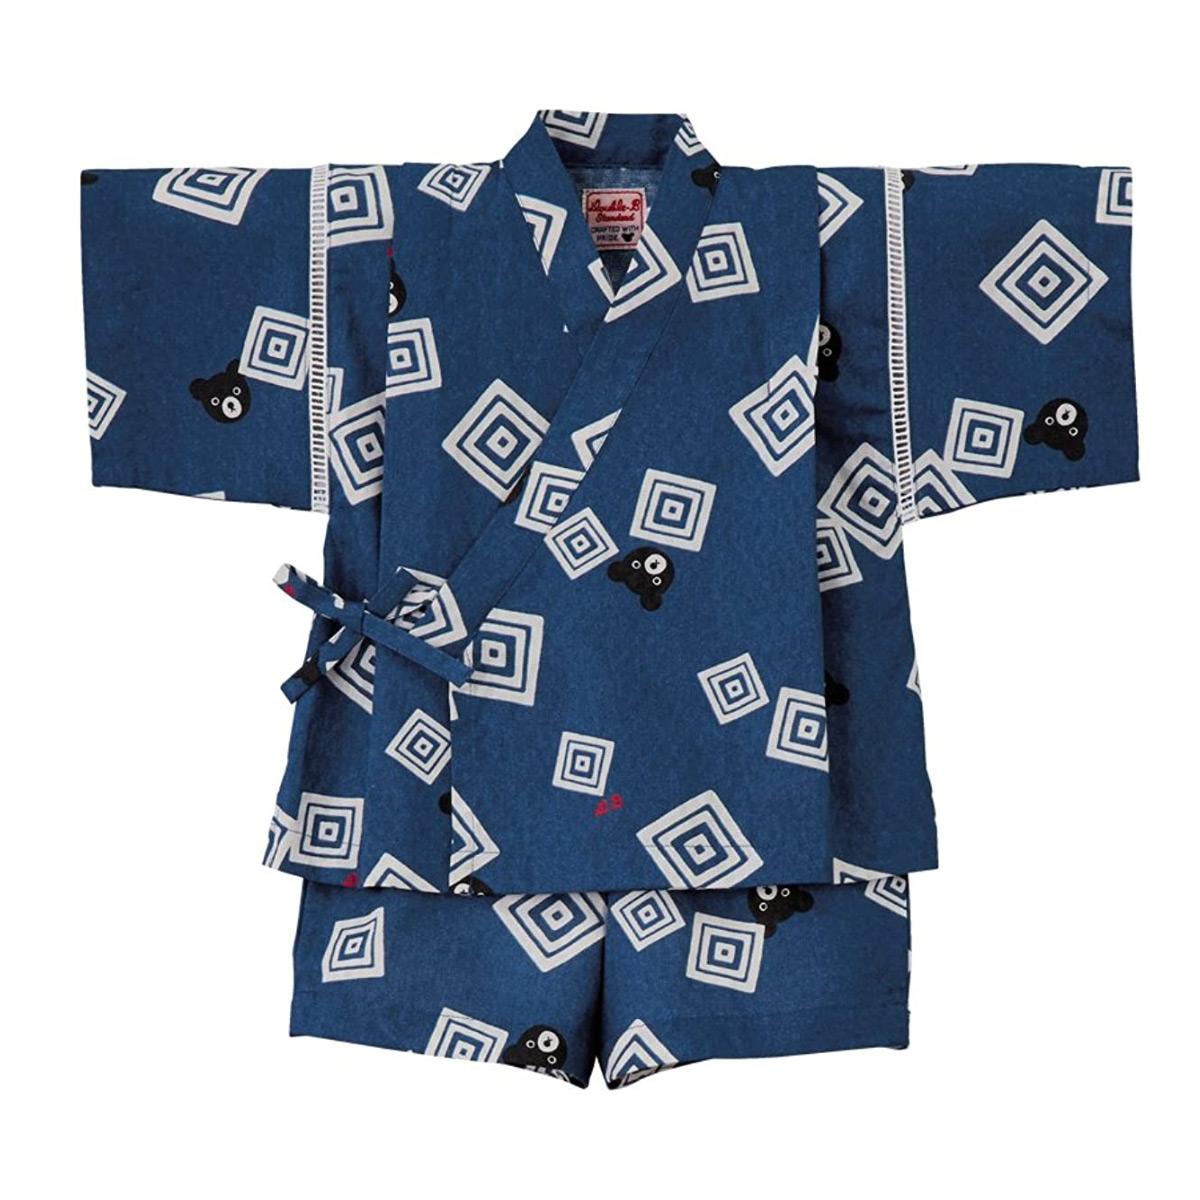 ミキハウス SALE 代引き不可 甚平スーツ8700 3 待望 980円以上で送料無料 国内